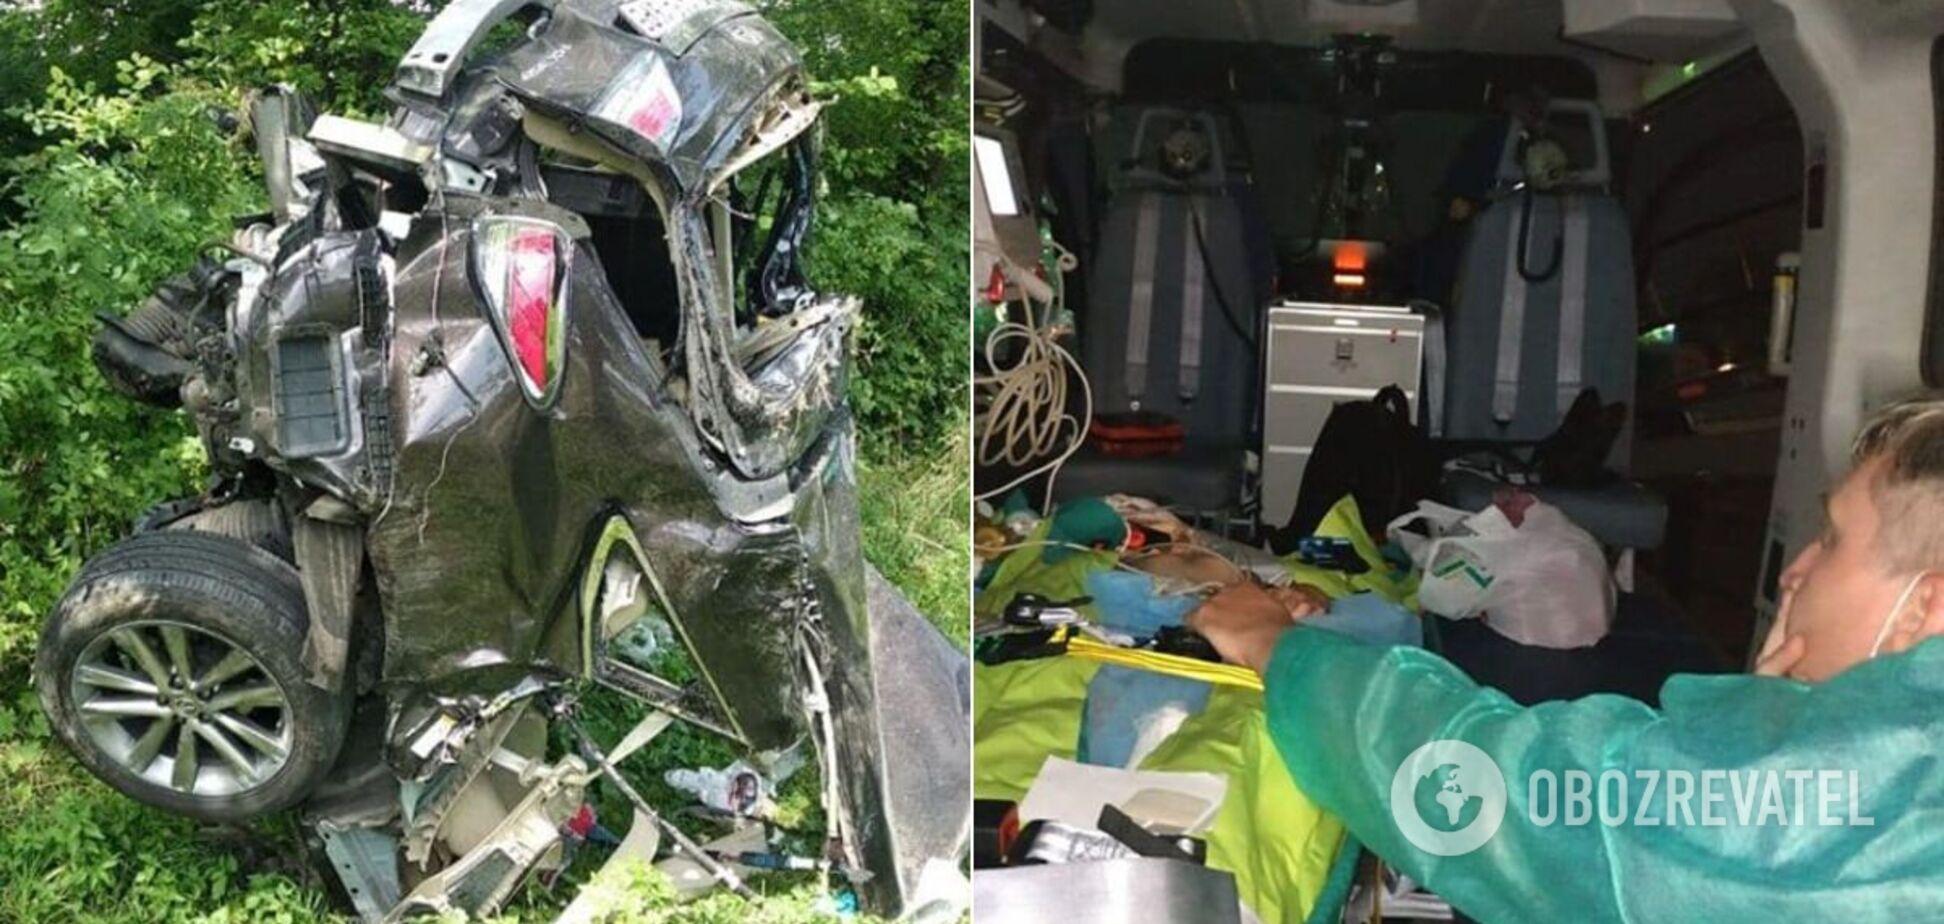 На Львівщині трапилася смертельна ДТП з дітьми: дівчинку в комі доставили до Києва вертольотом. Фото